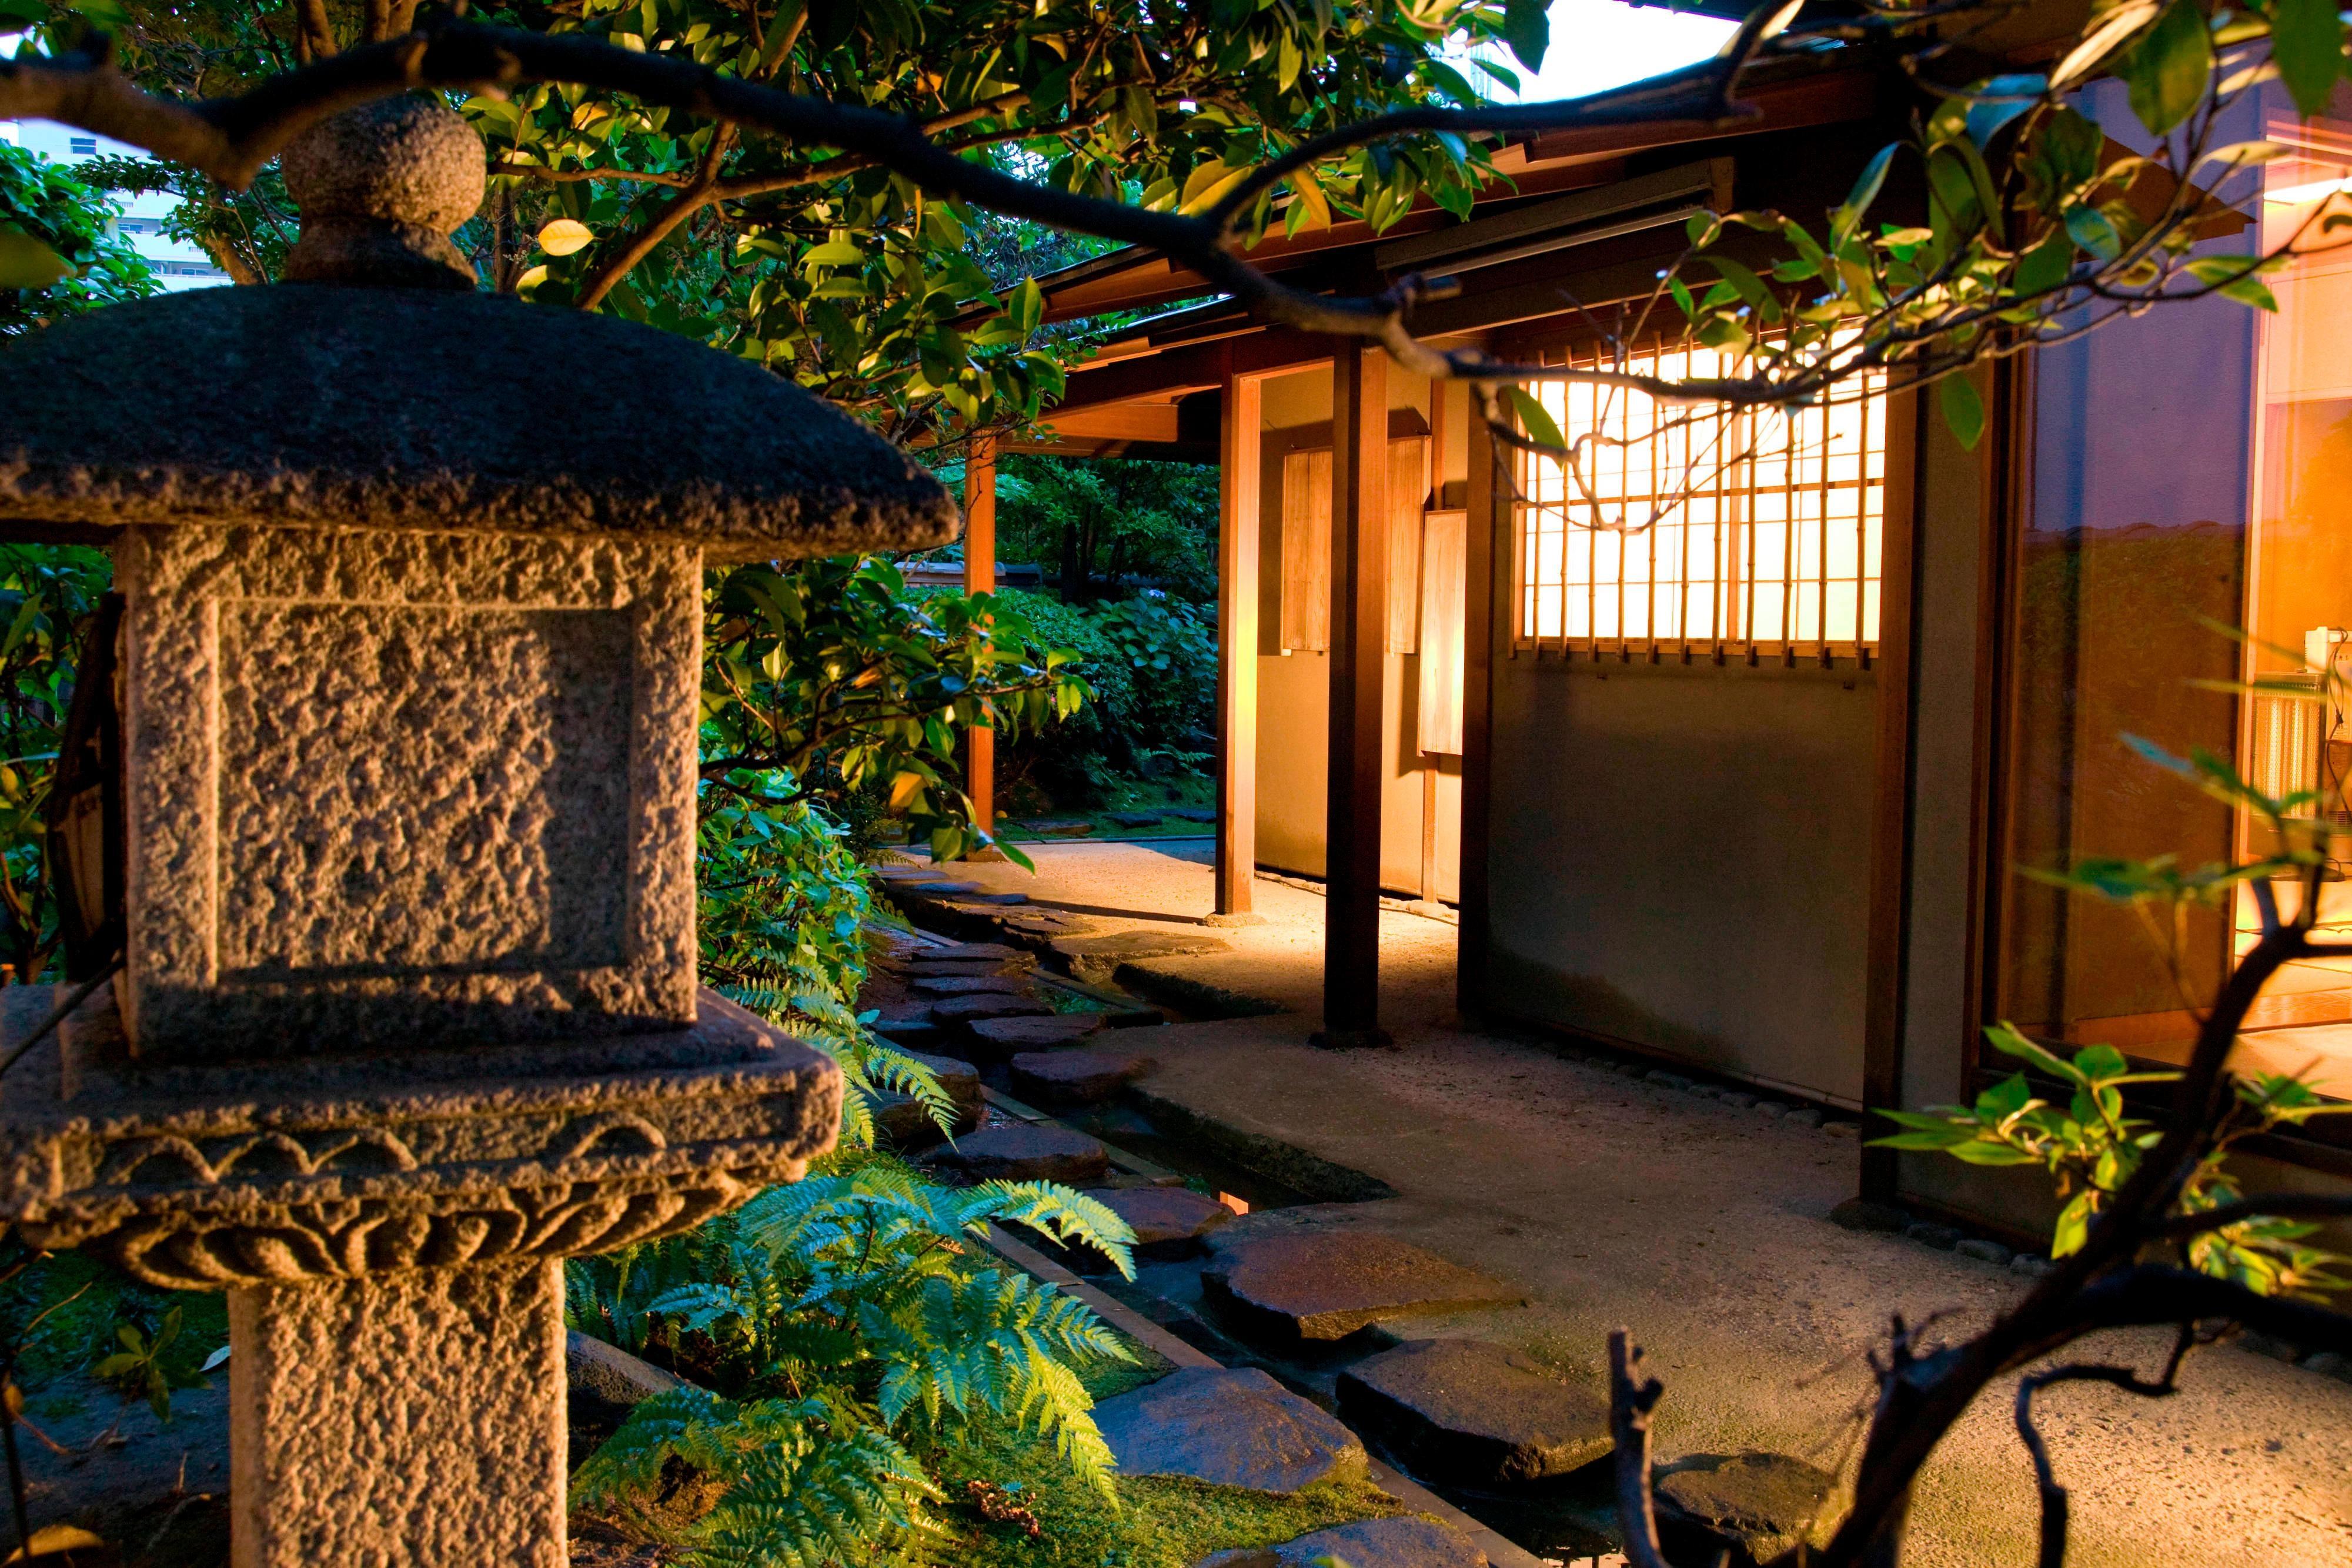 日本の伝統的茶室「有楽庵」